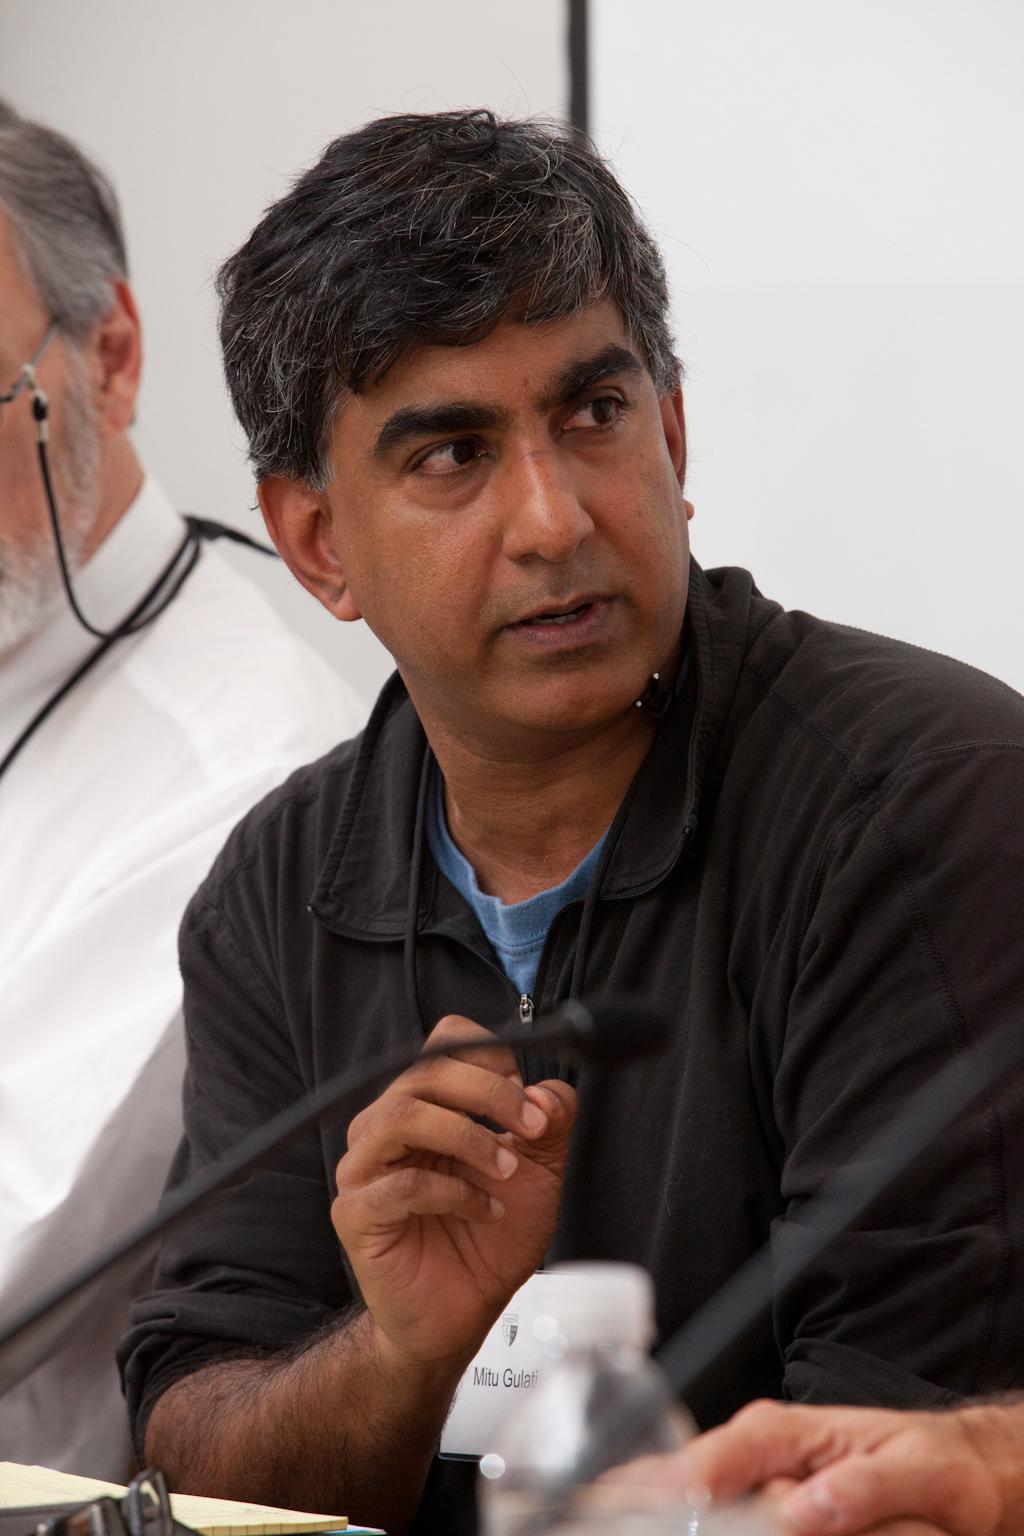 Duke Law Prof. Mitu Gulati